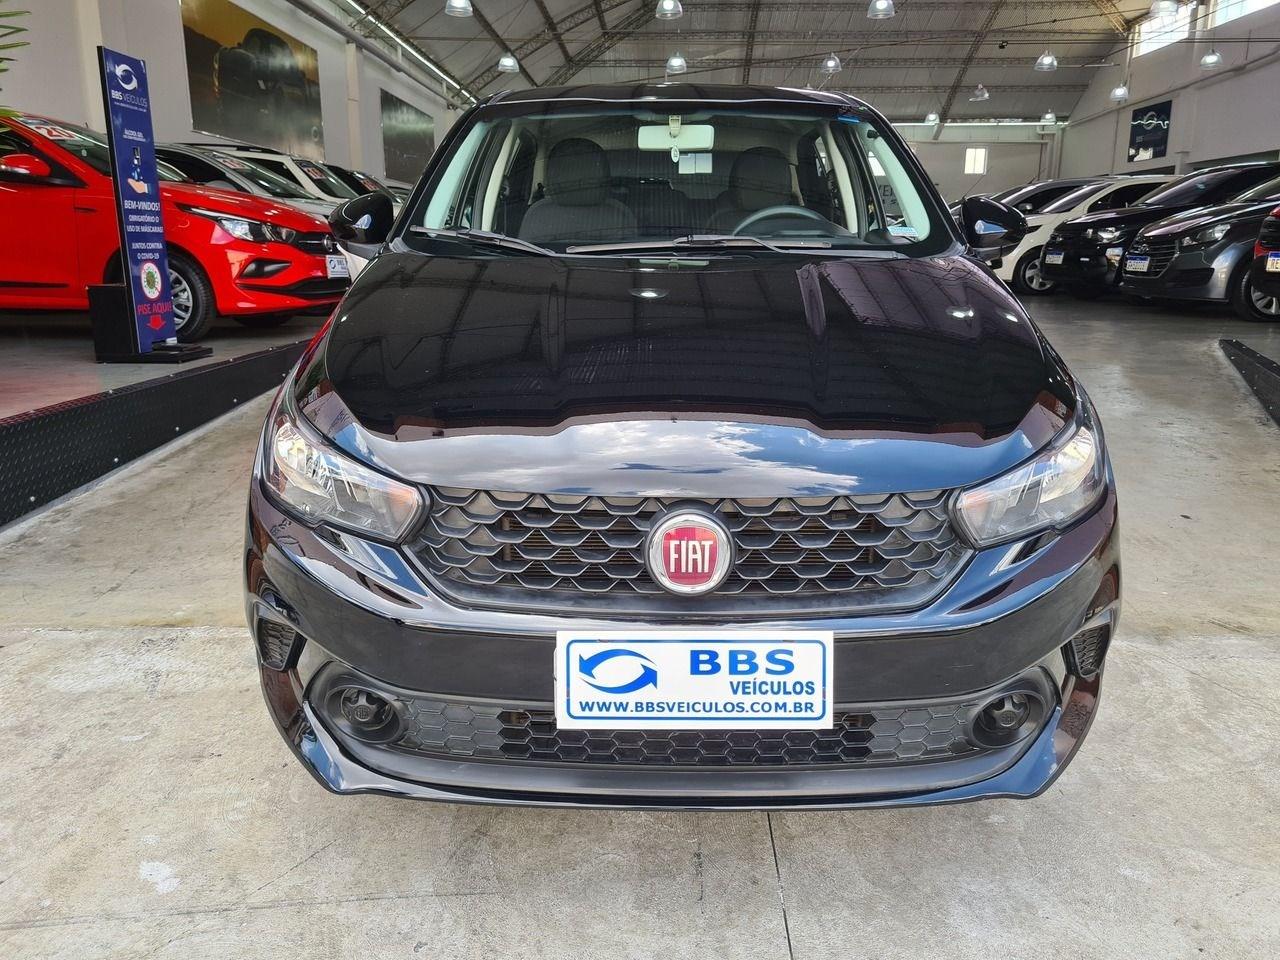 //www.autoline.com.br/carro/fiat/argo-10-6v-flex-4p-manual/2018/sao-paulo-sp/14300504